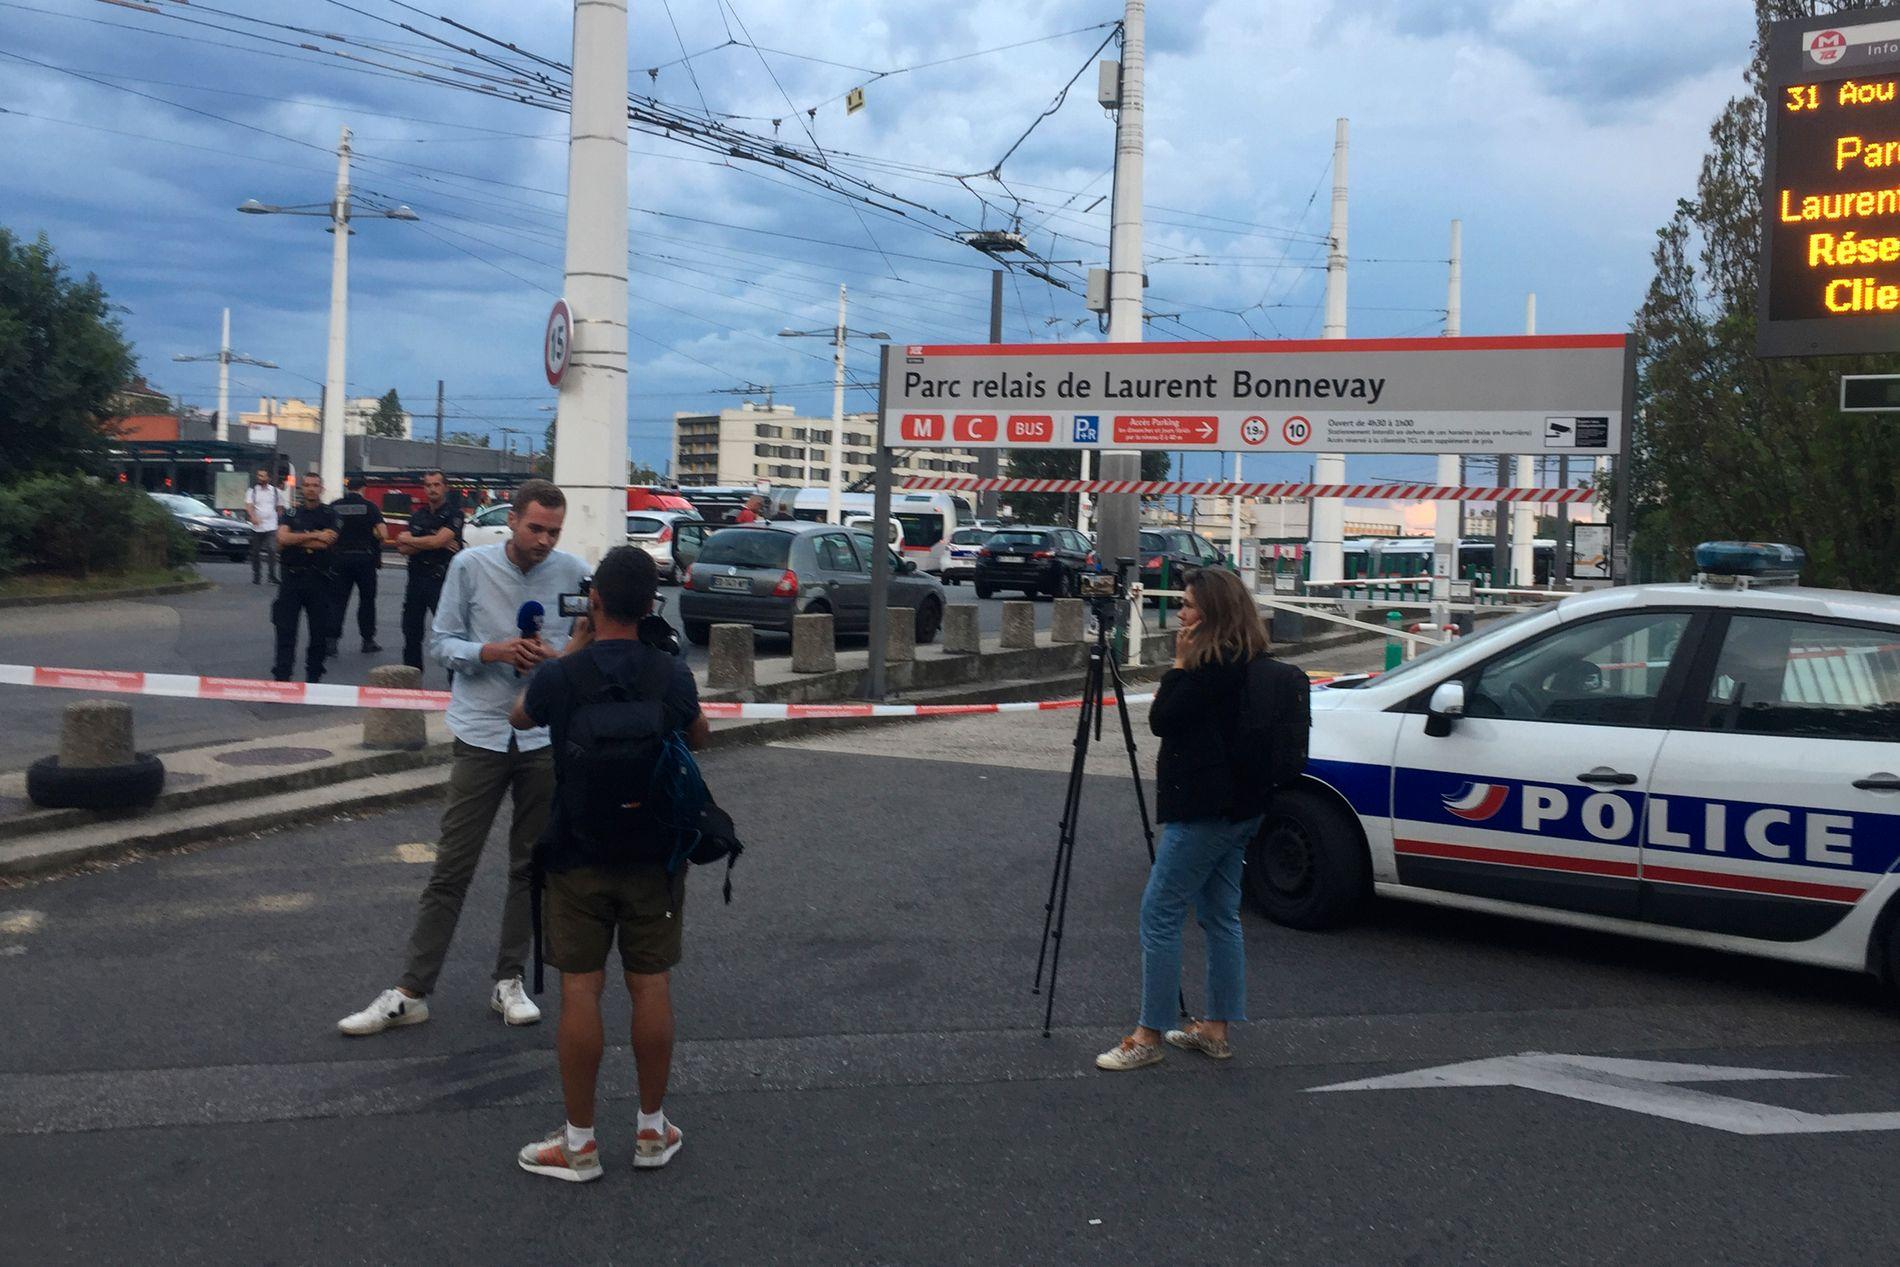 SPERRET AV: Journalister i arbeid ved metrostasjonen i Villeurbanne ved Lyon som politiet har sperret av etter et knivangrep.